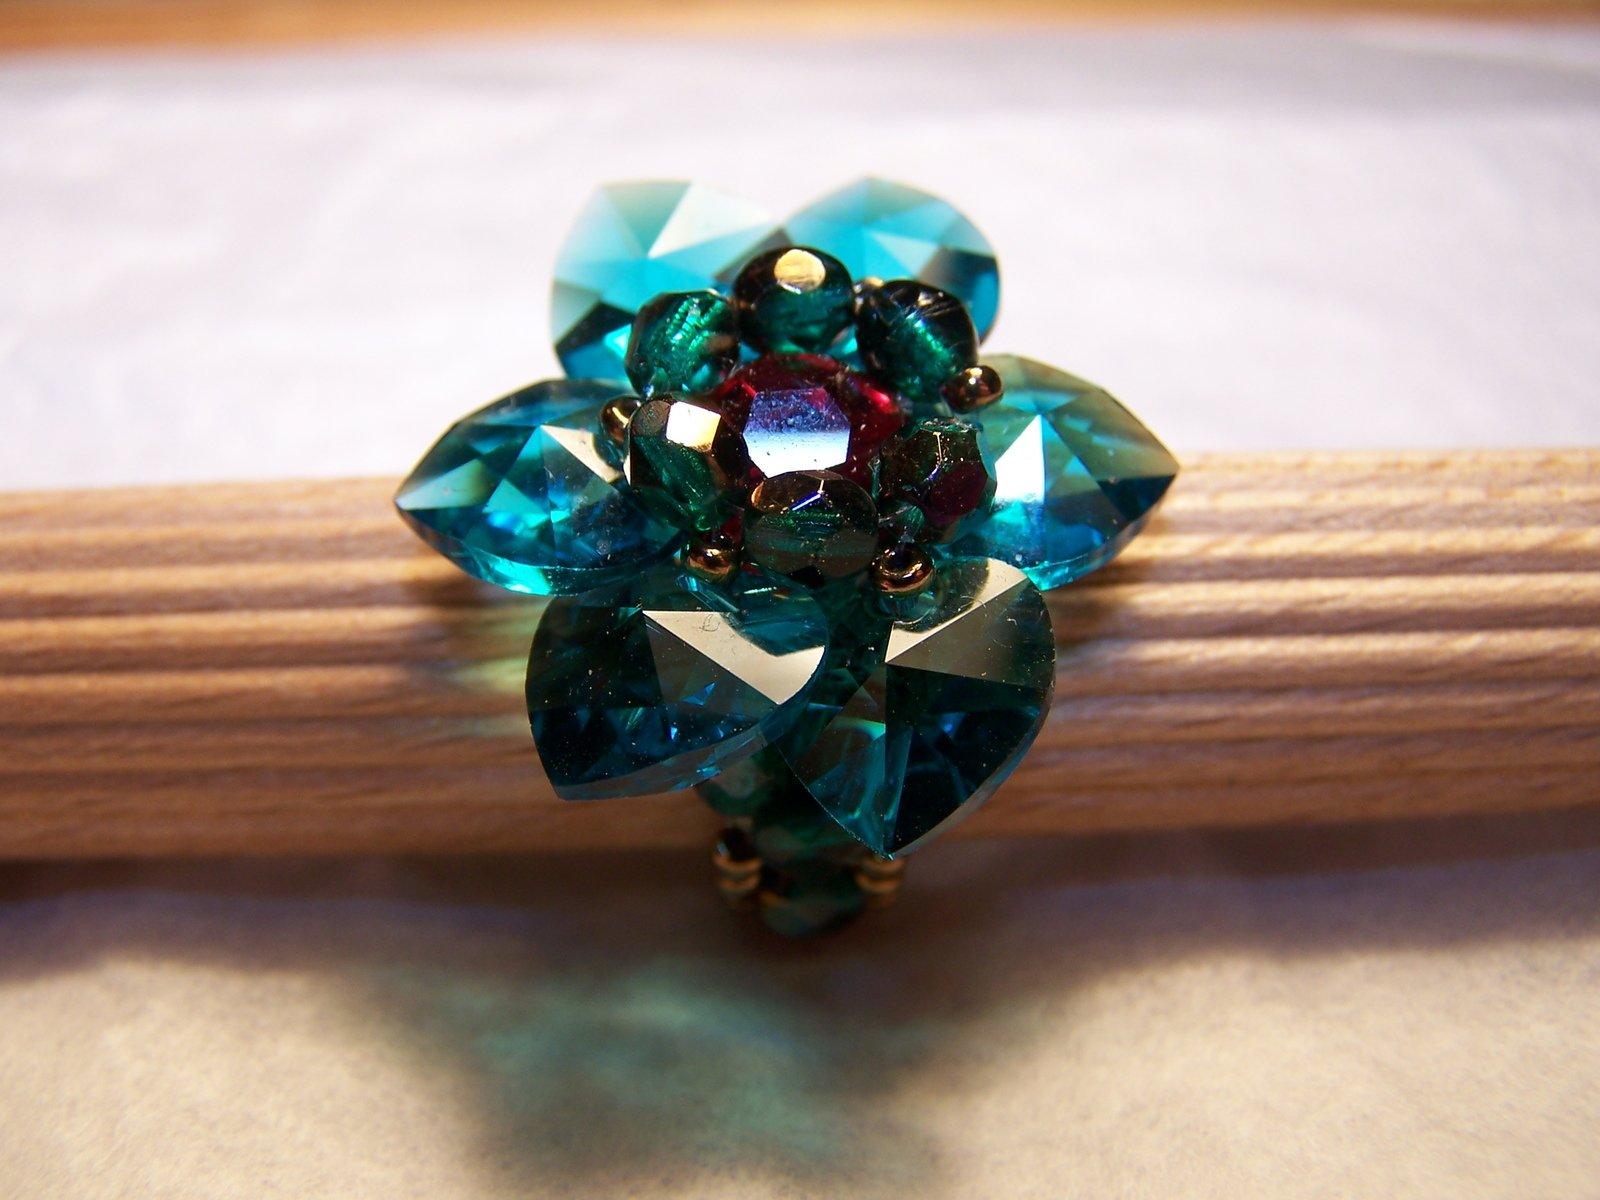 Bijoux Fantaisie Hyeres : Free bijoux fantaisie stock photo freeimages